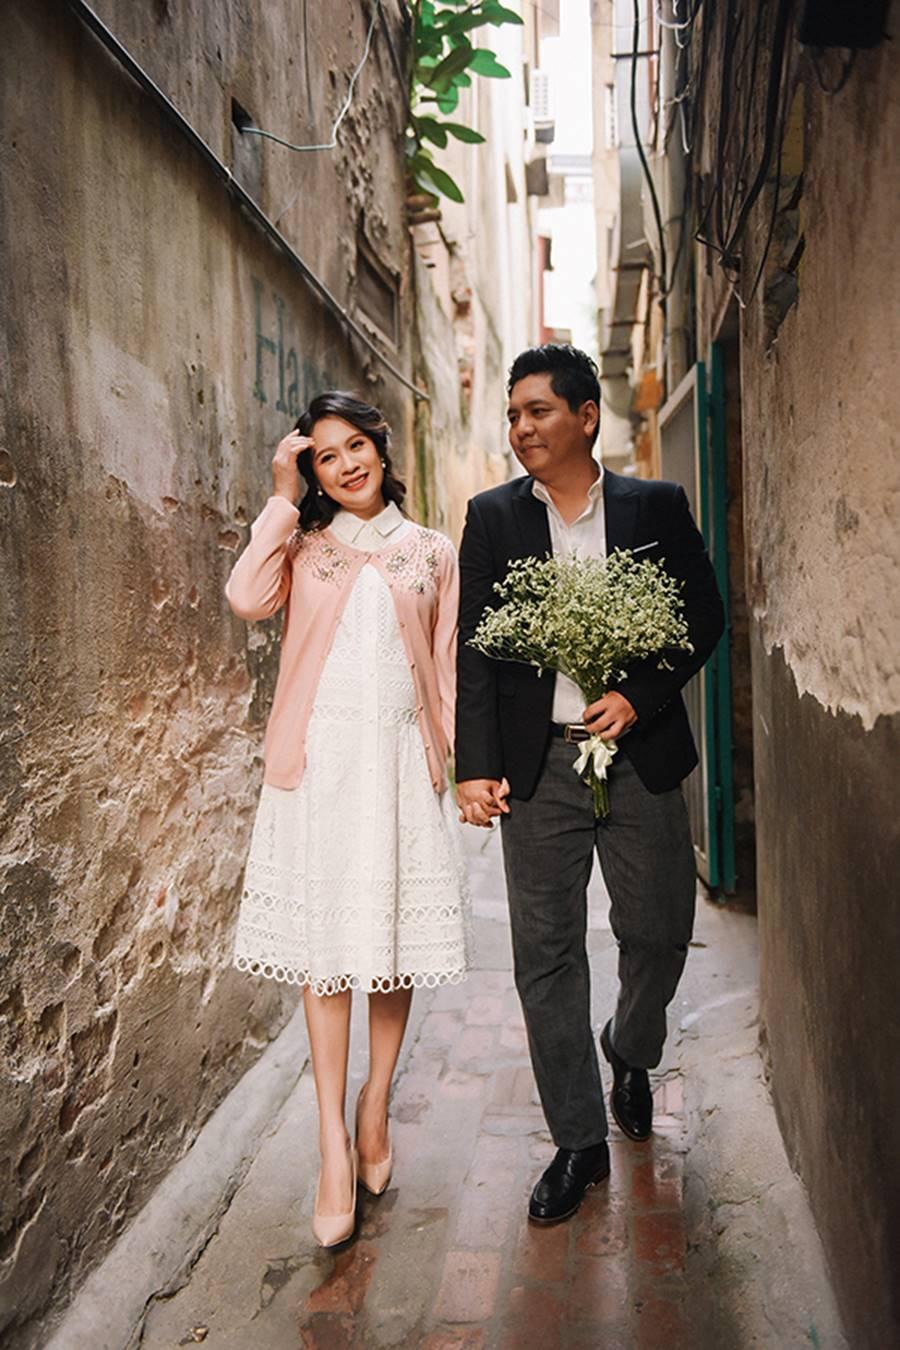 """Bà bầu"""" Thanh Thúy đẹp rạng ngời cùng chồng dạo phố Hà Nội-10"""